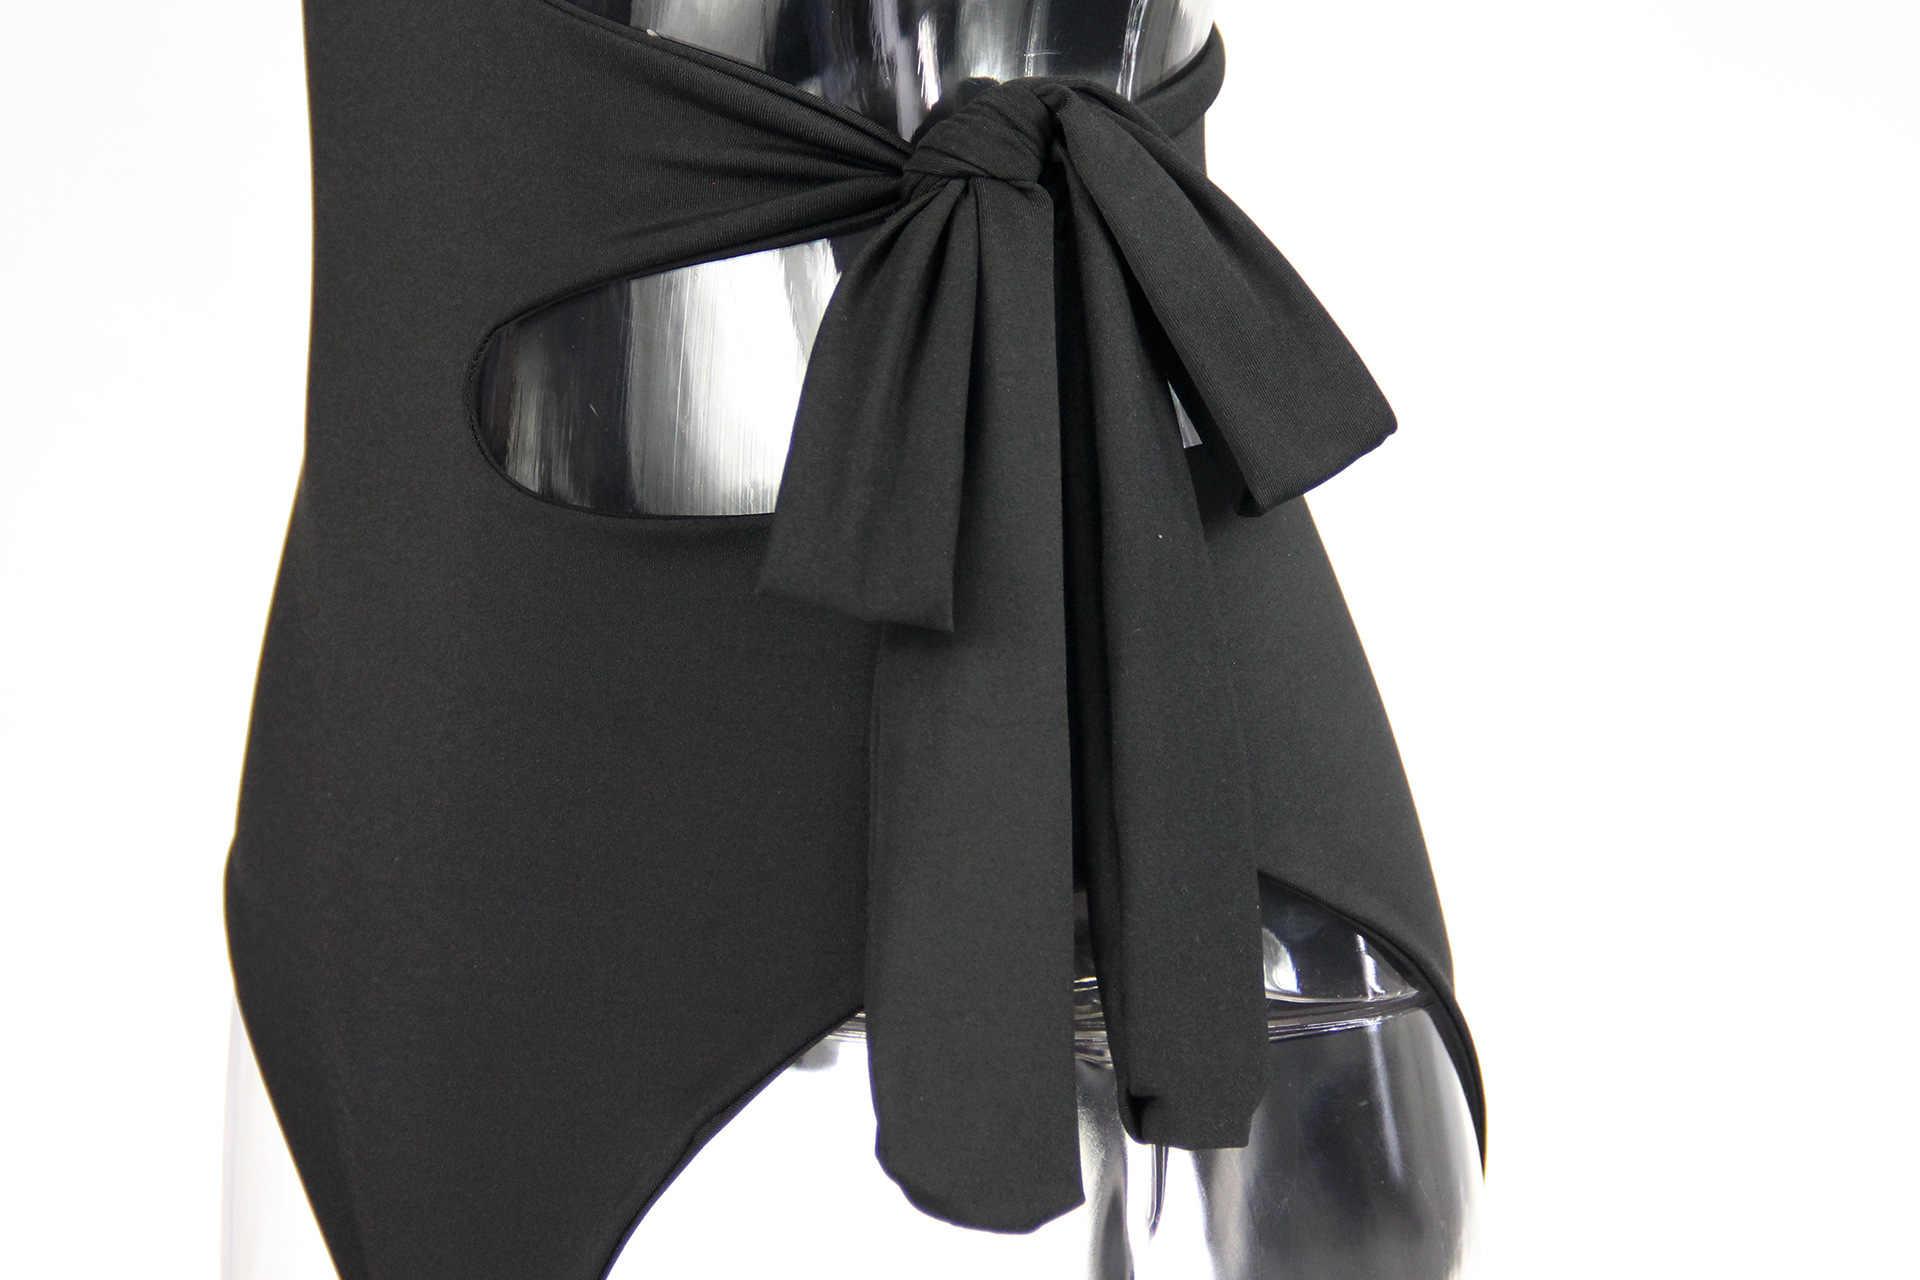 Sexy costura Irregular encaje vendaje hueco un hombro una pieza traje de baño verano monos Xl club nocturno Playa Mujeres